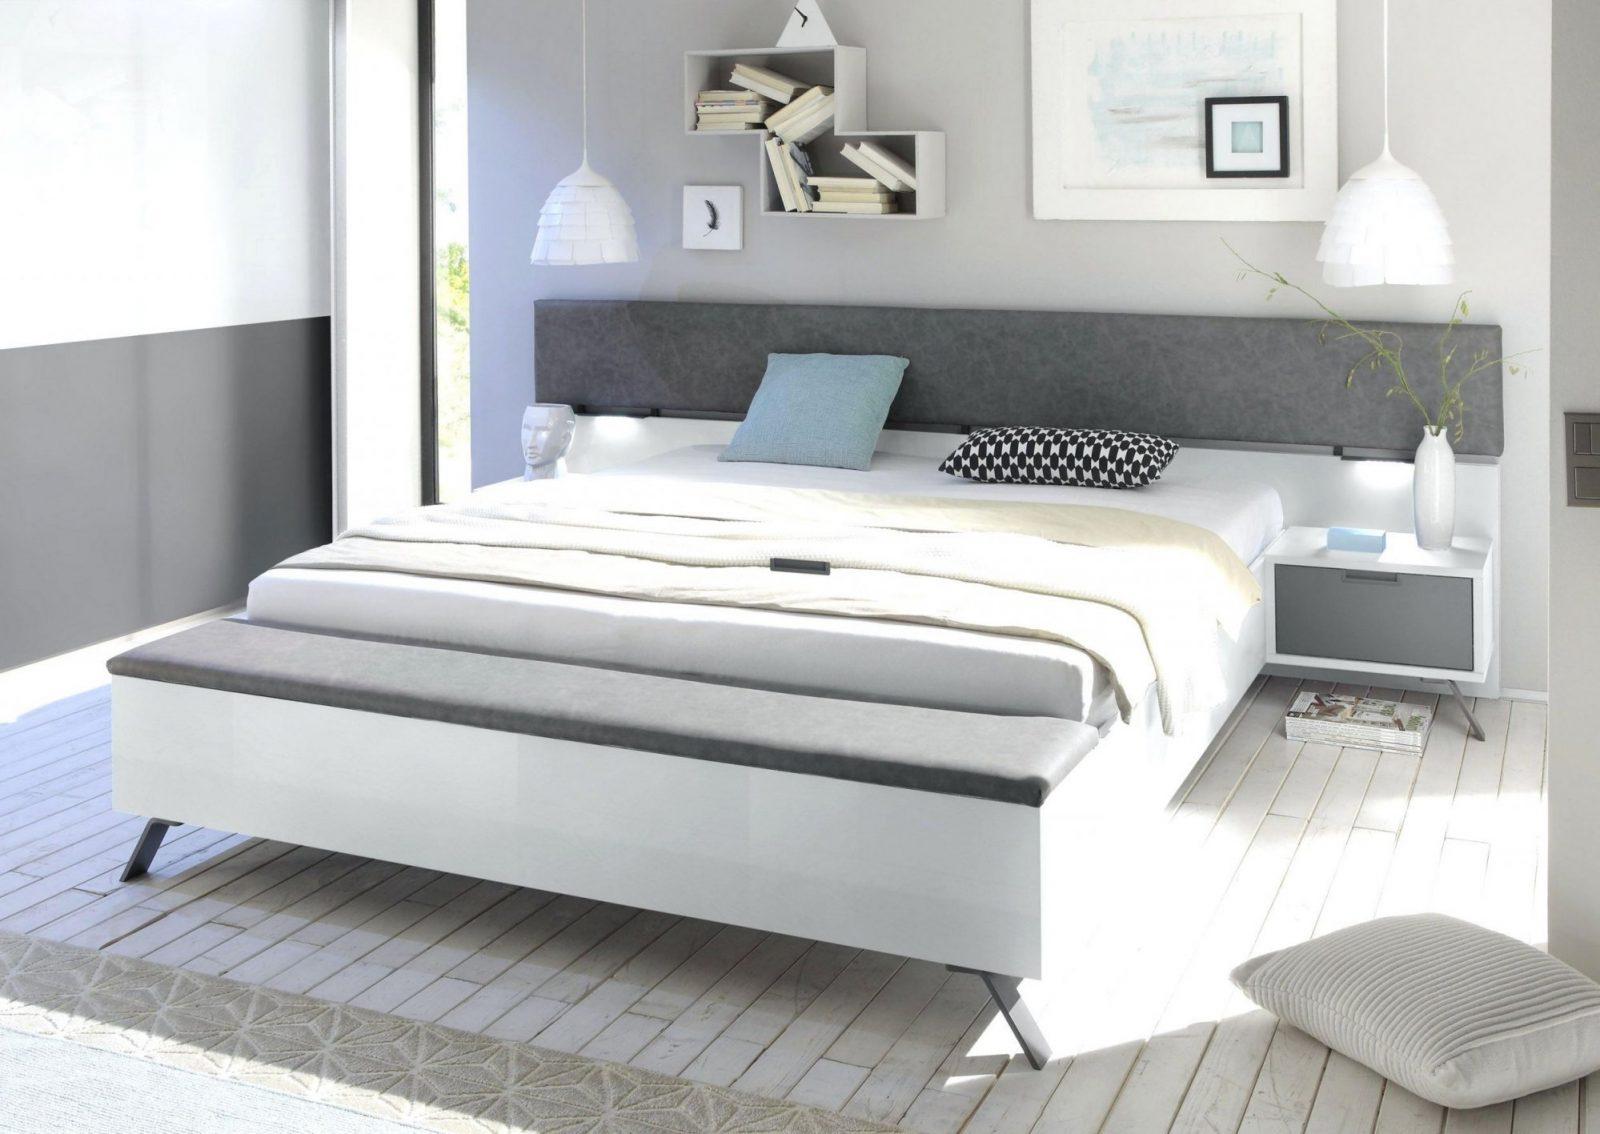 Fresh Bett Ausziehbar Gleiche Höhe – Betten von Bett Ausziehbar Gleiche Höhe Photo